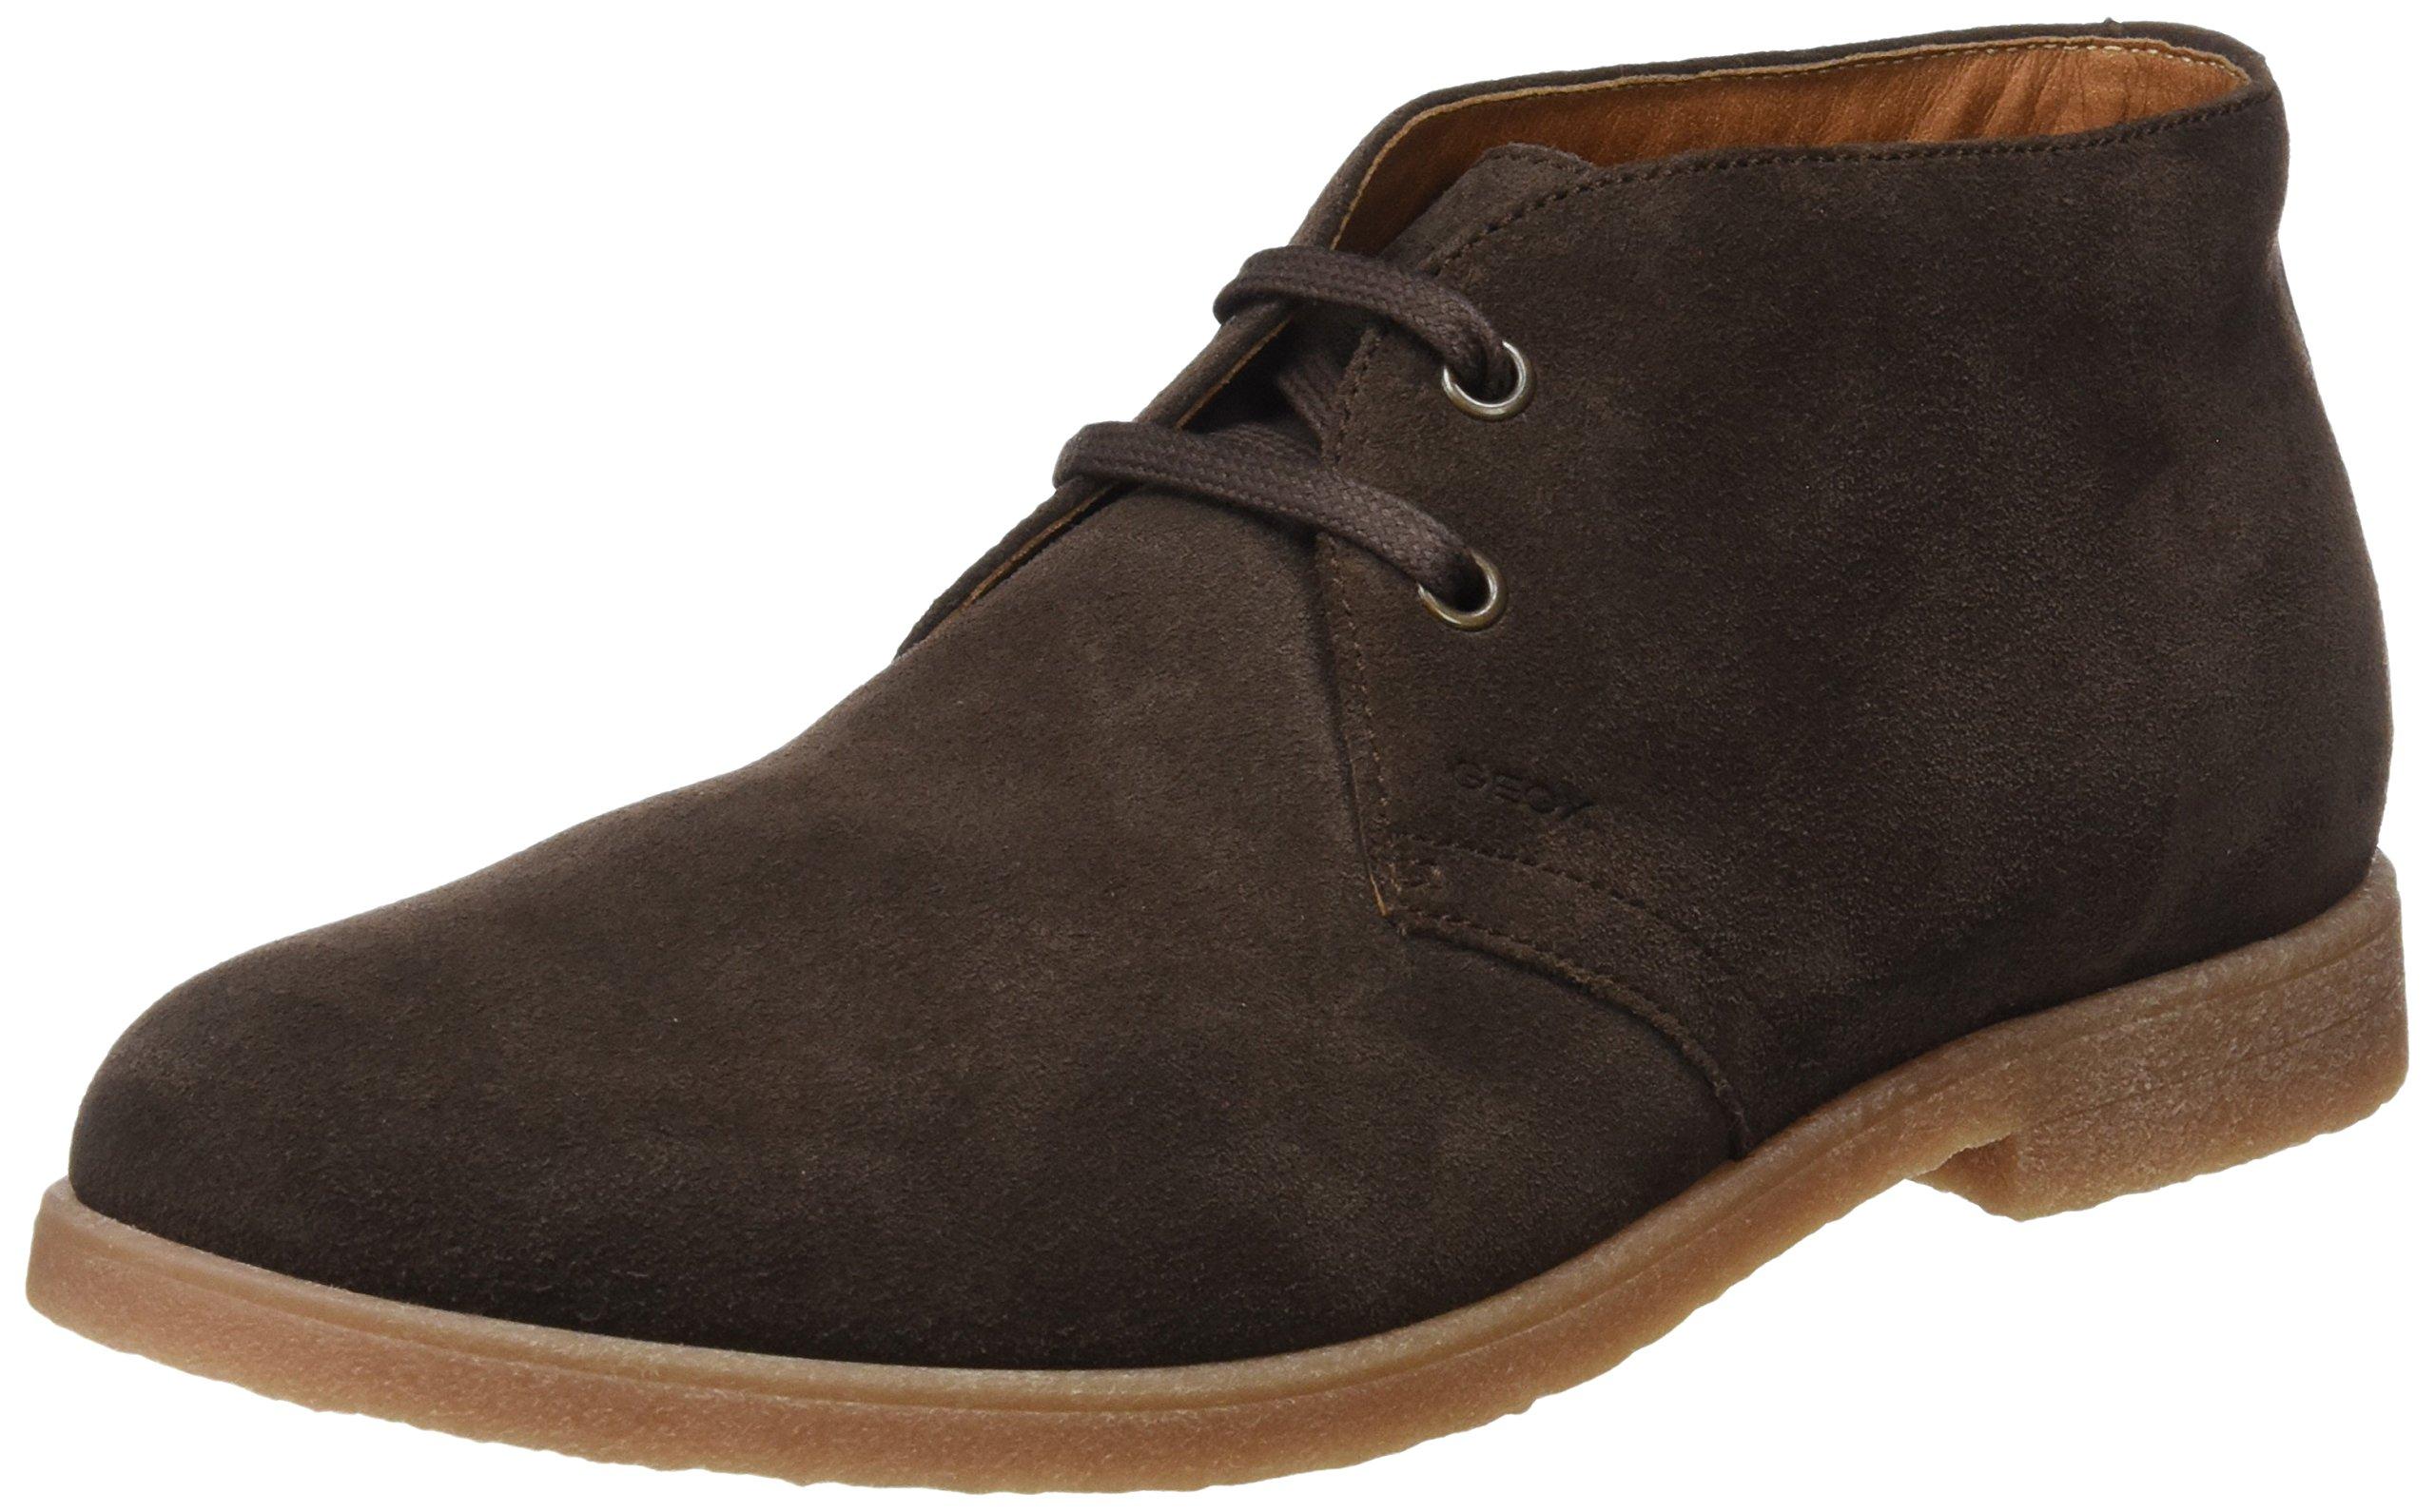 HommeMarronchocolate40 Geox ADesert Dwain Boots U Eu PkiXuZ